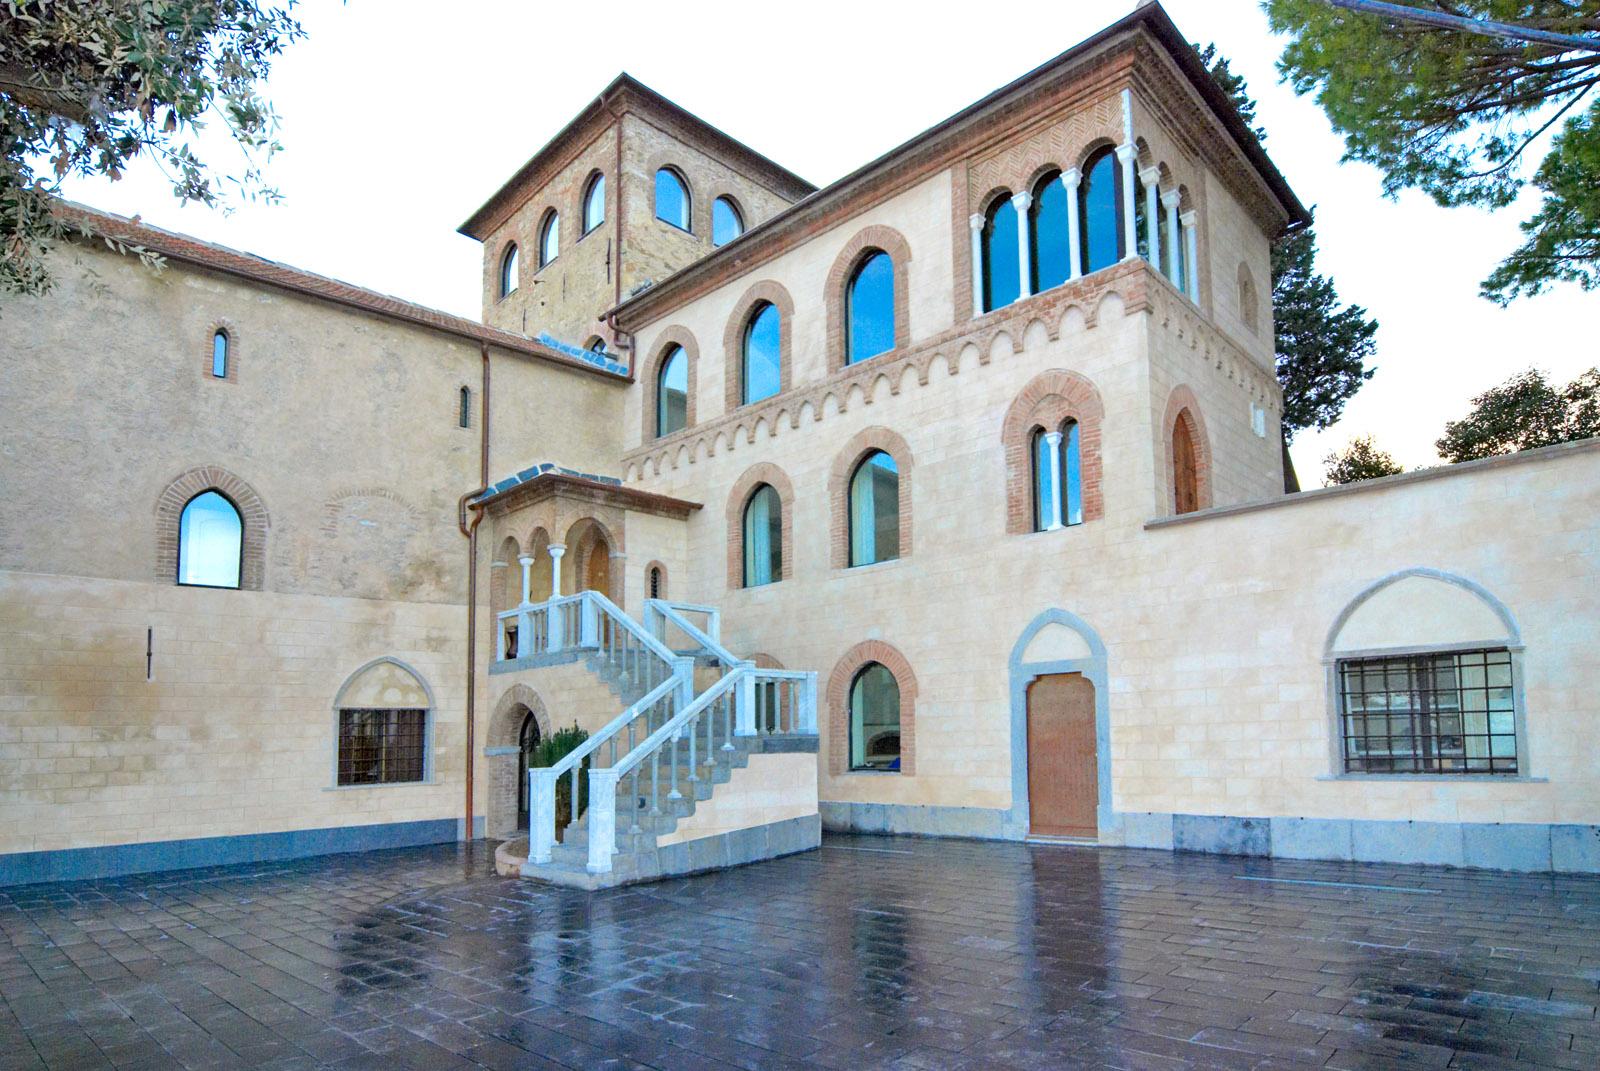 L'ex Abbazia di San Martino dopo l'opera di restauro di Formento Restauri, ditta edile di Finale Ligure, Savona.